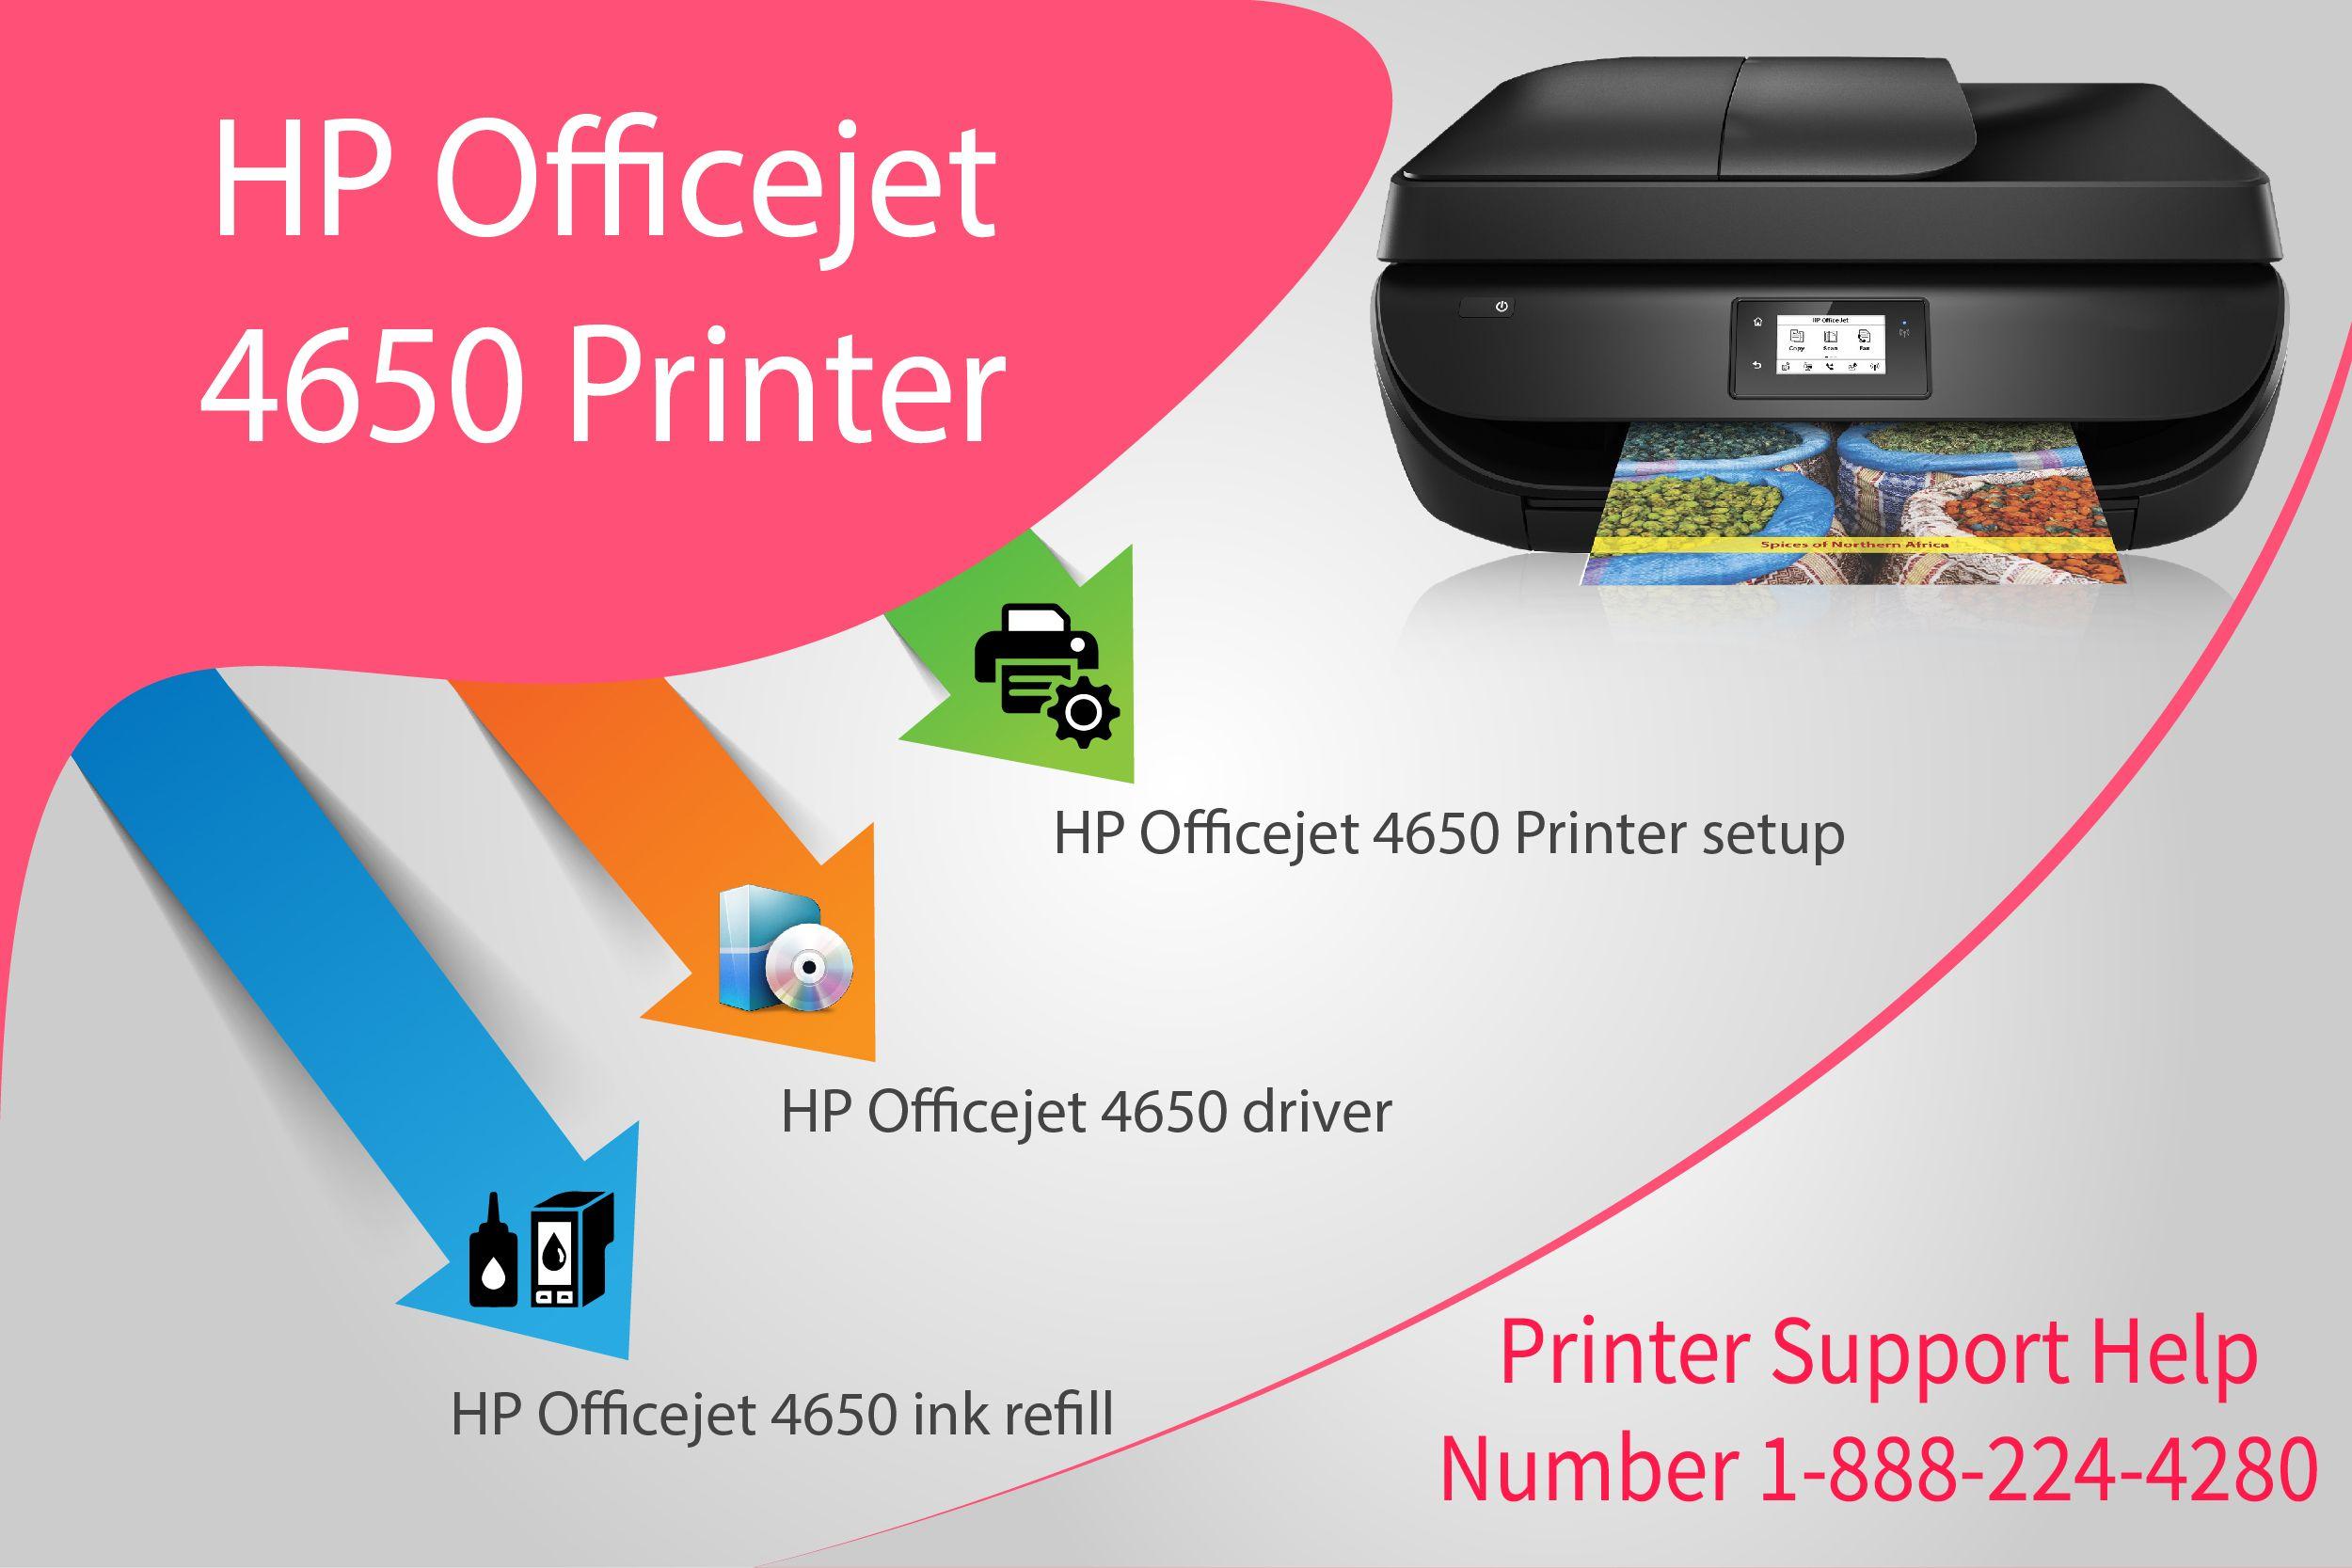 Quick Support for 123 hp com/oj4650 Printer setup, driver